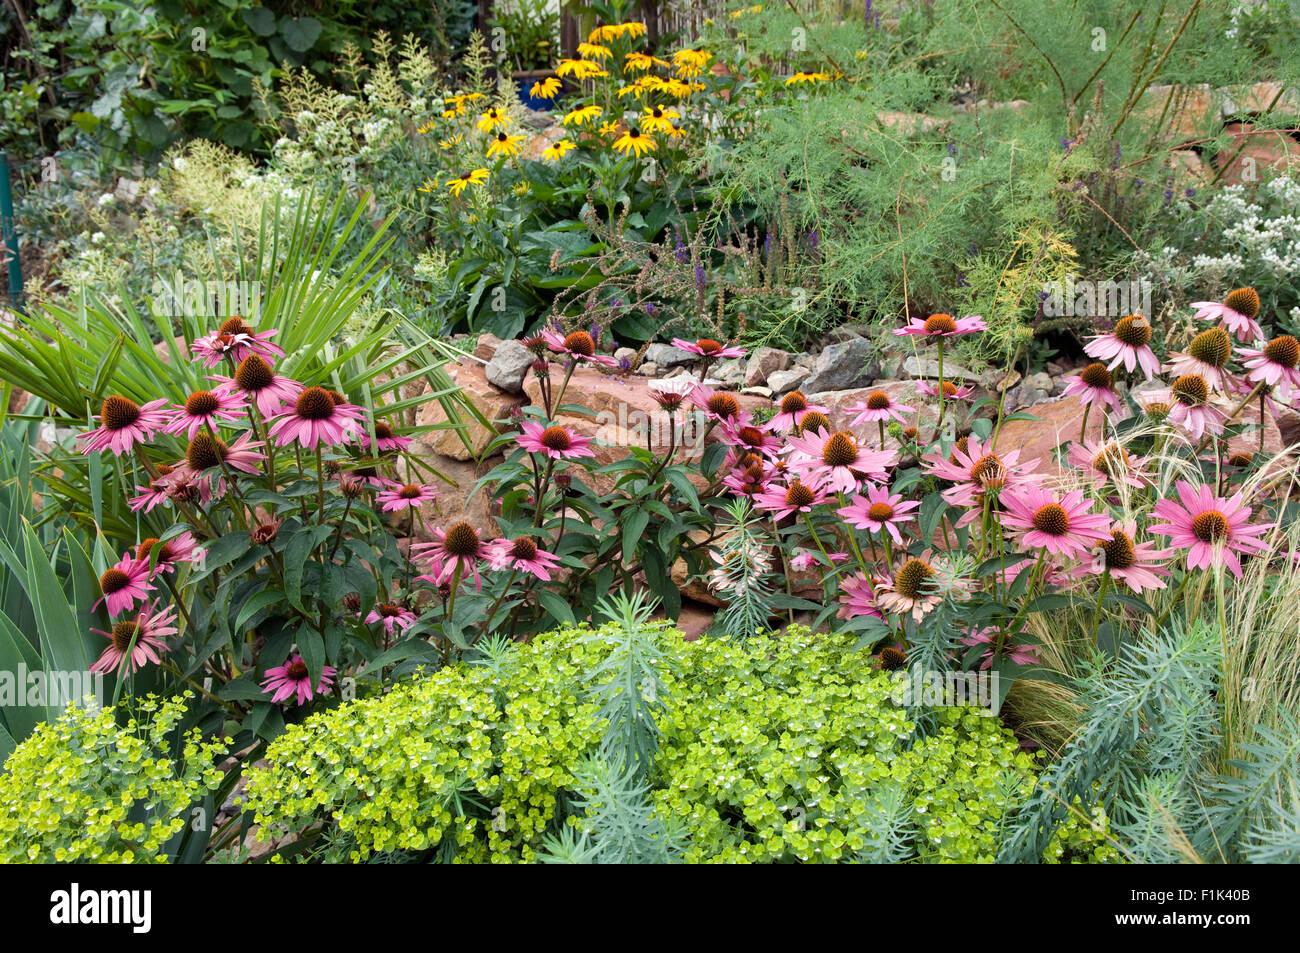 seit; trockenmauer; fuenf monate nach bepflanzung stockfoto, bild